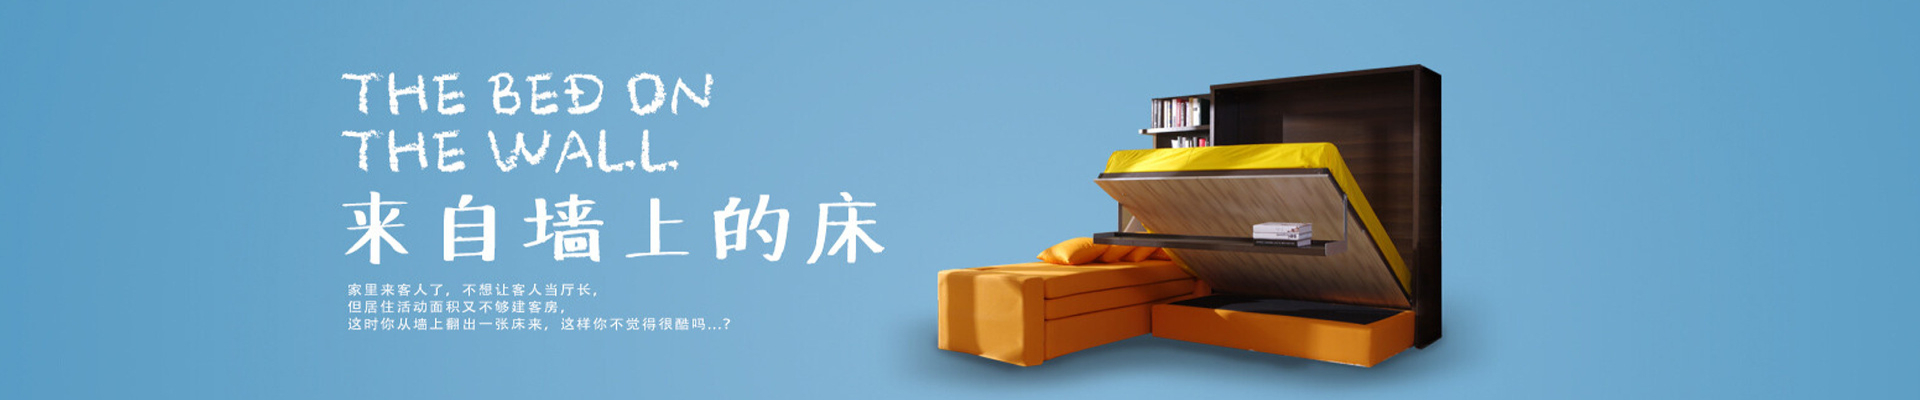 东莞市智造坊智能家居科技有限公司